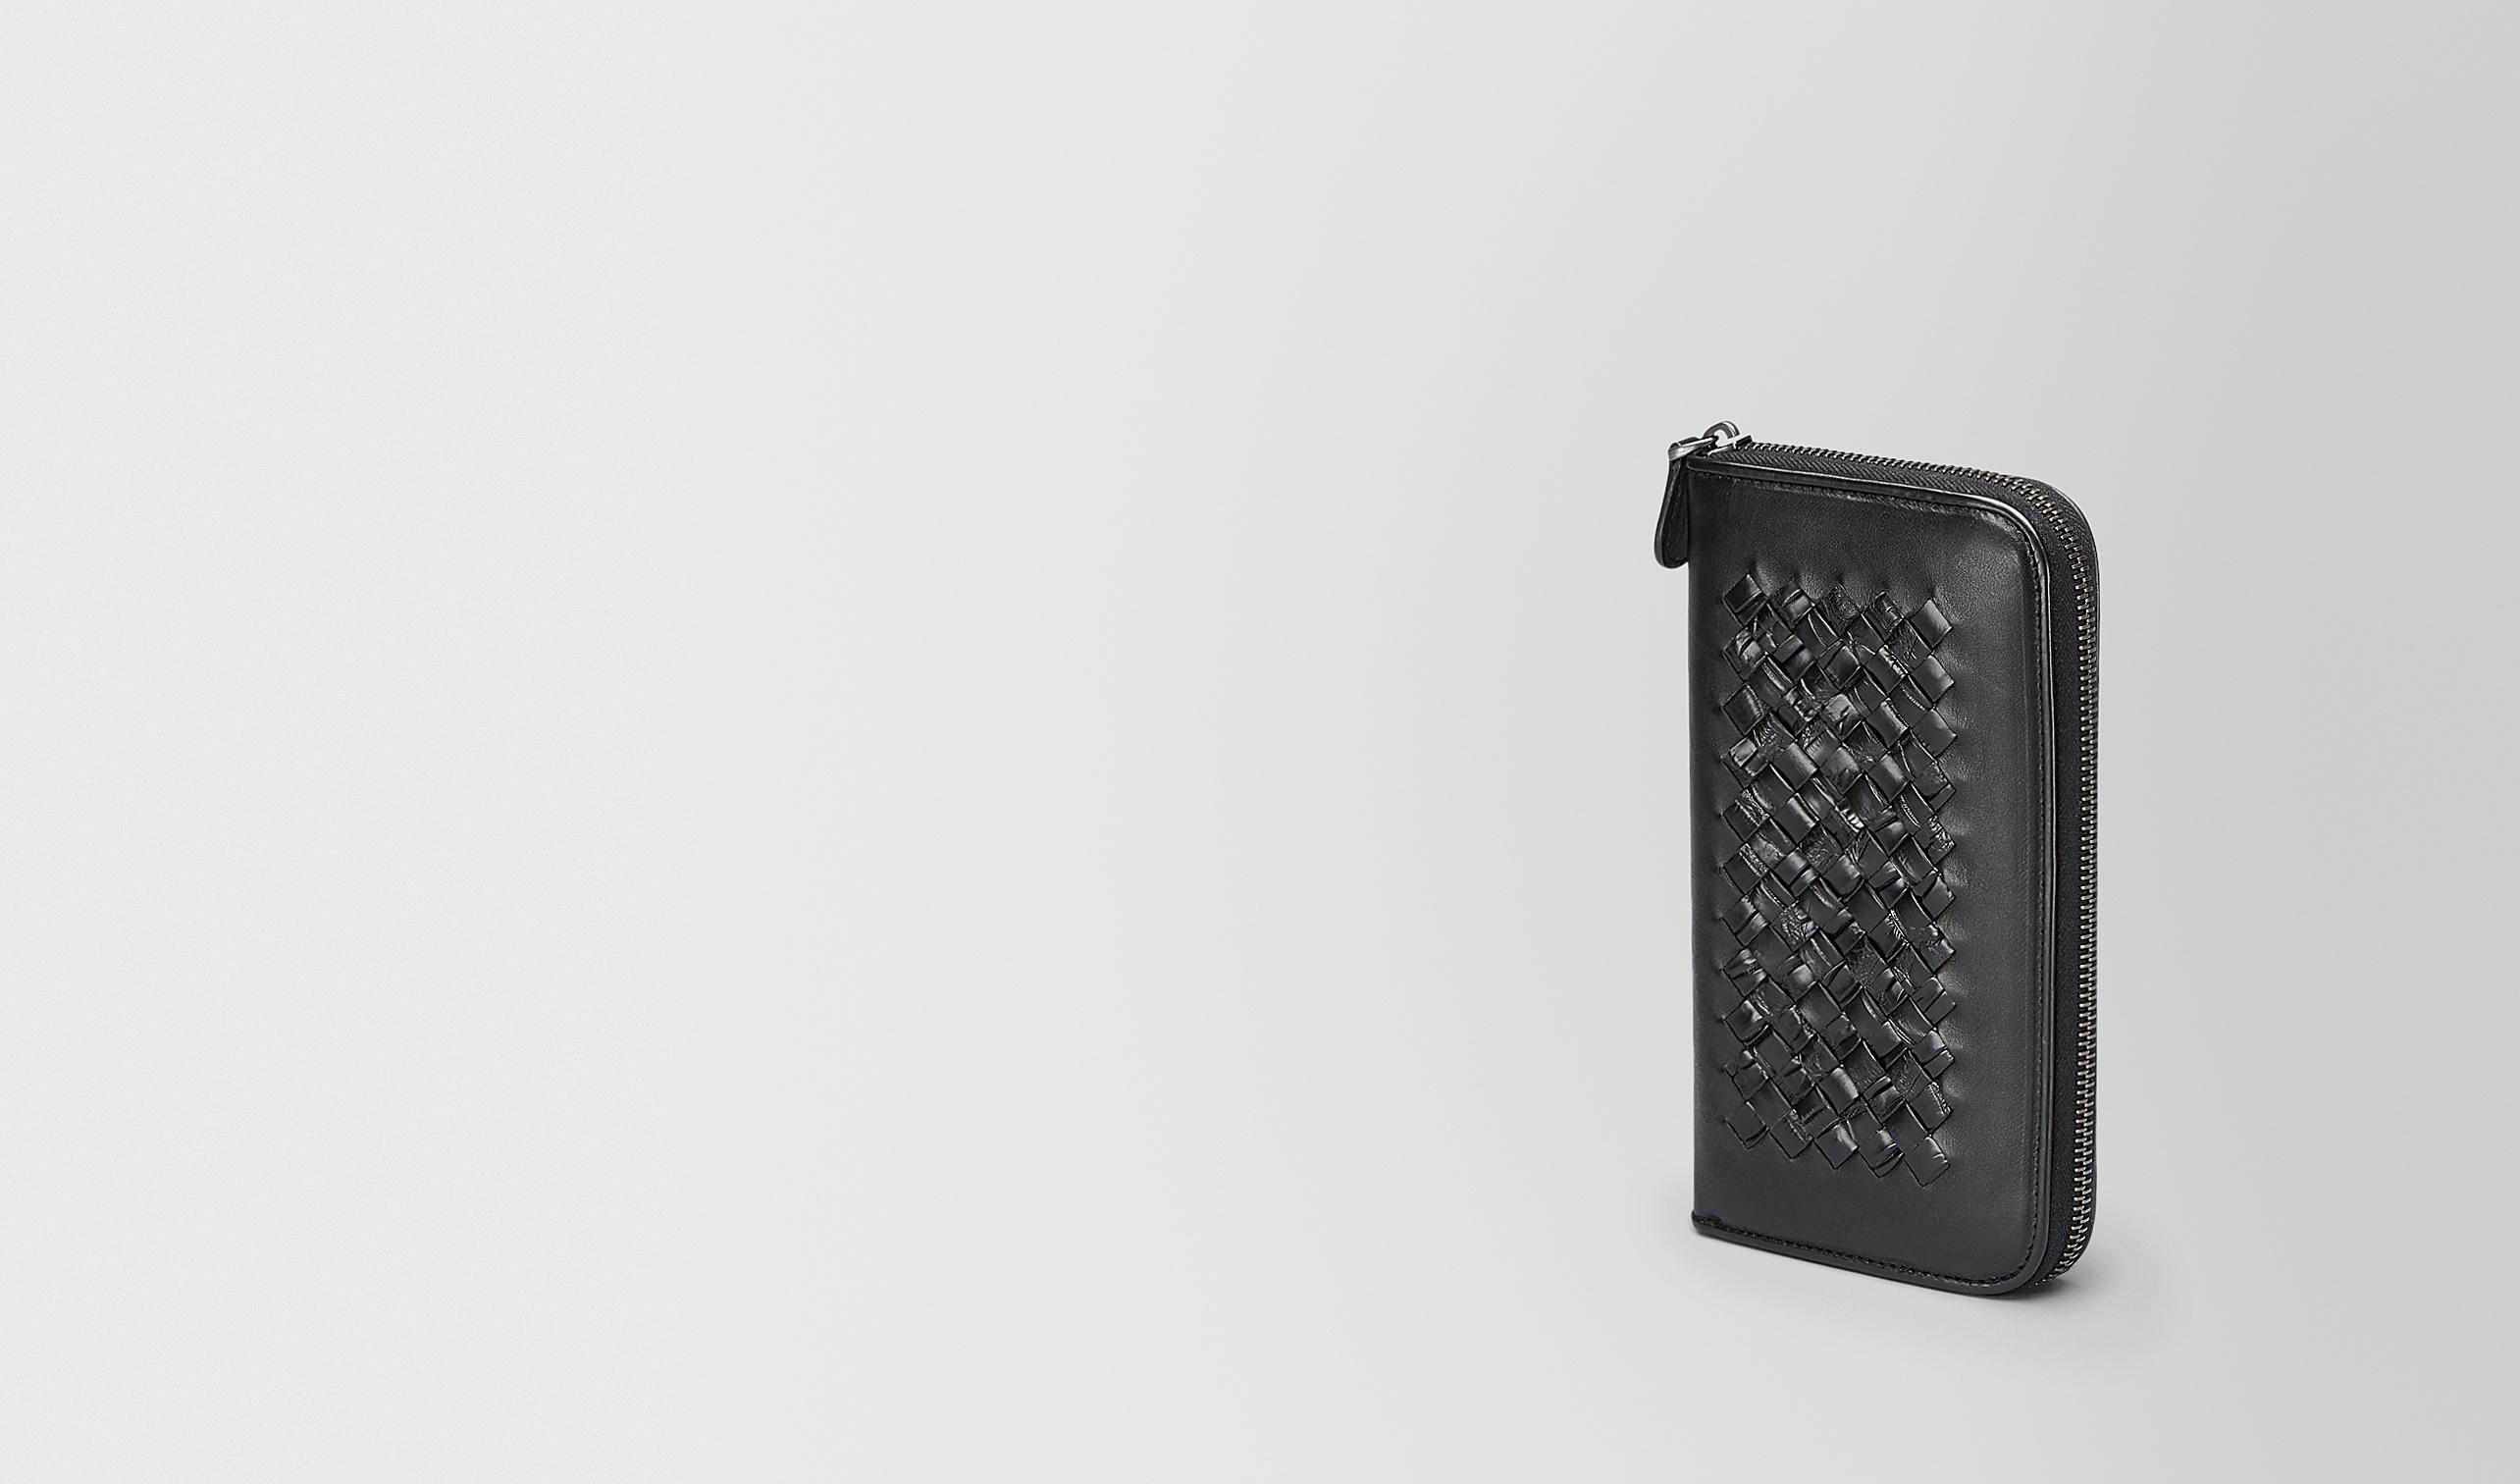 BOTTEGA VENETA Portemonnaie mit Zip U PORTEMONNAIE MIT ZIP AUS KALBSLEDER UND KROKODILLEDER IN NERO MIT INTRECCIATO-DETAILS pl